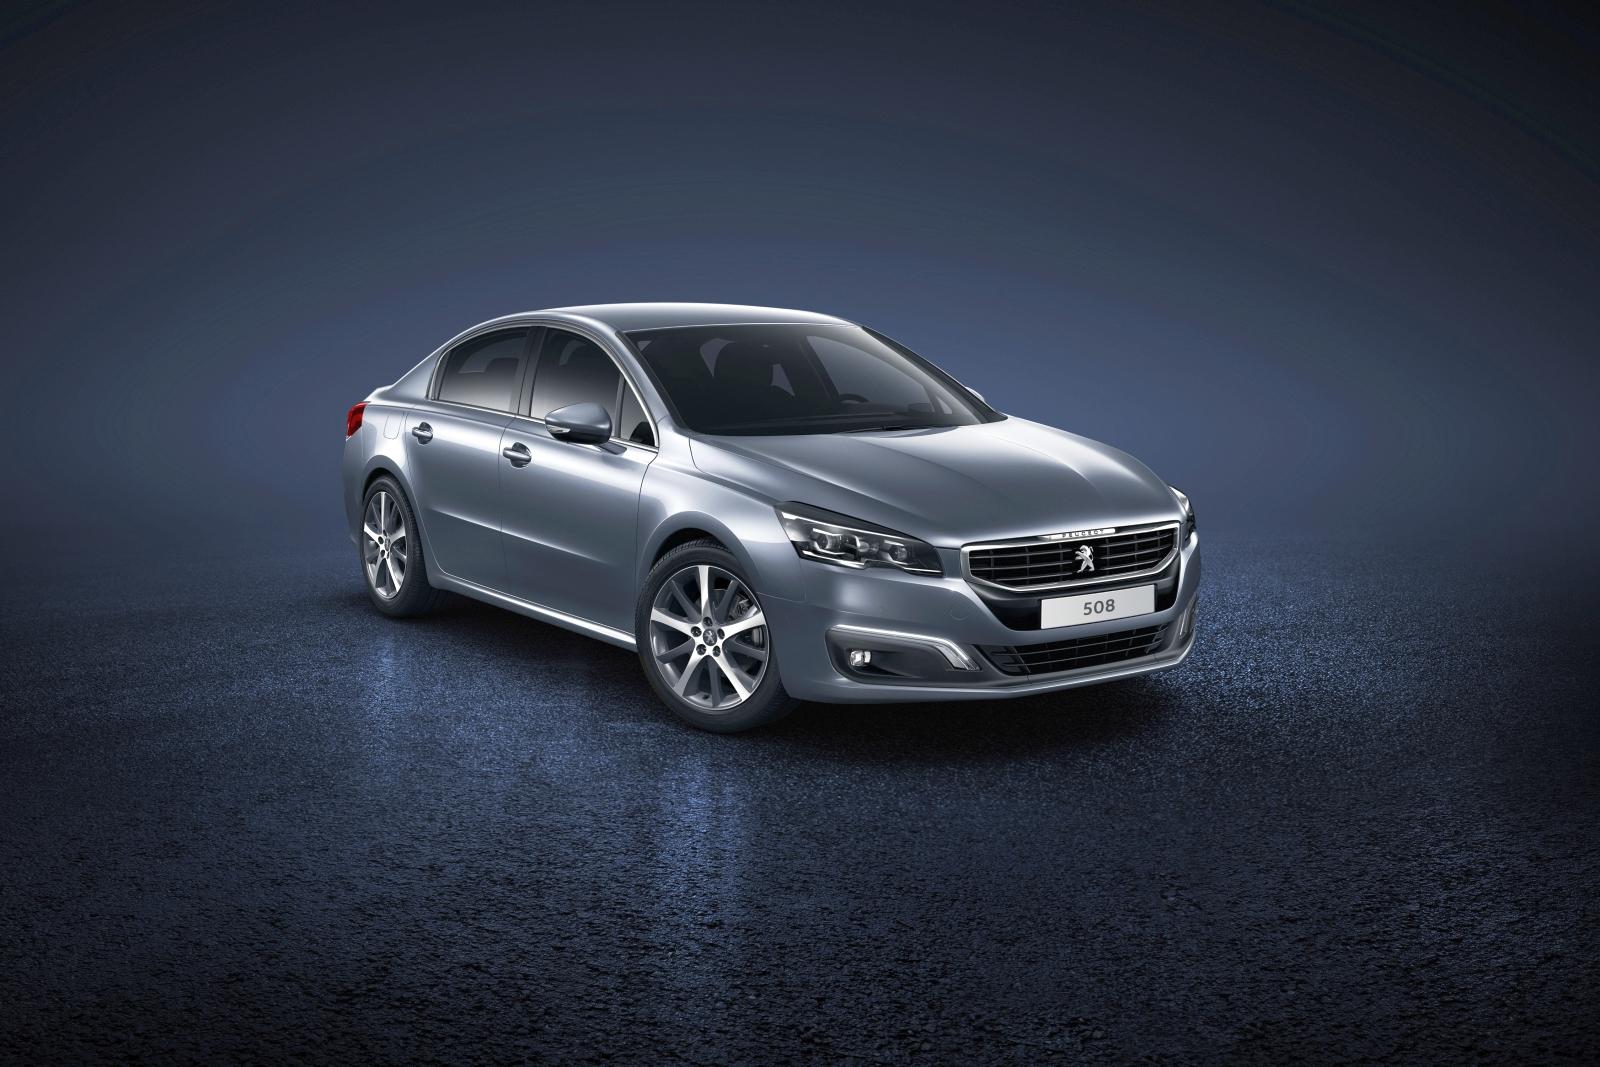 Peugeot-508-006